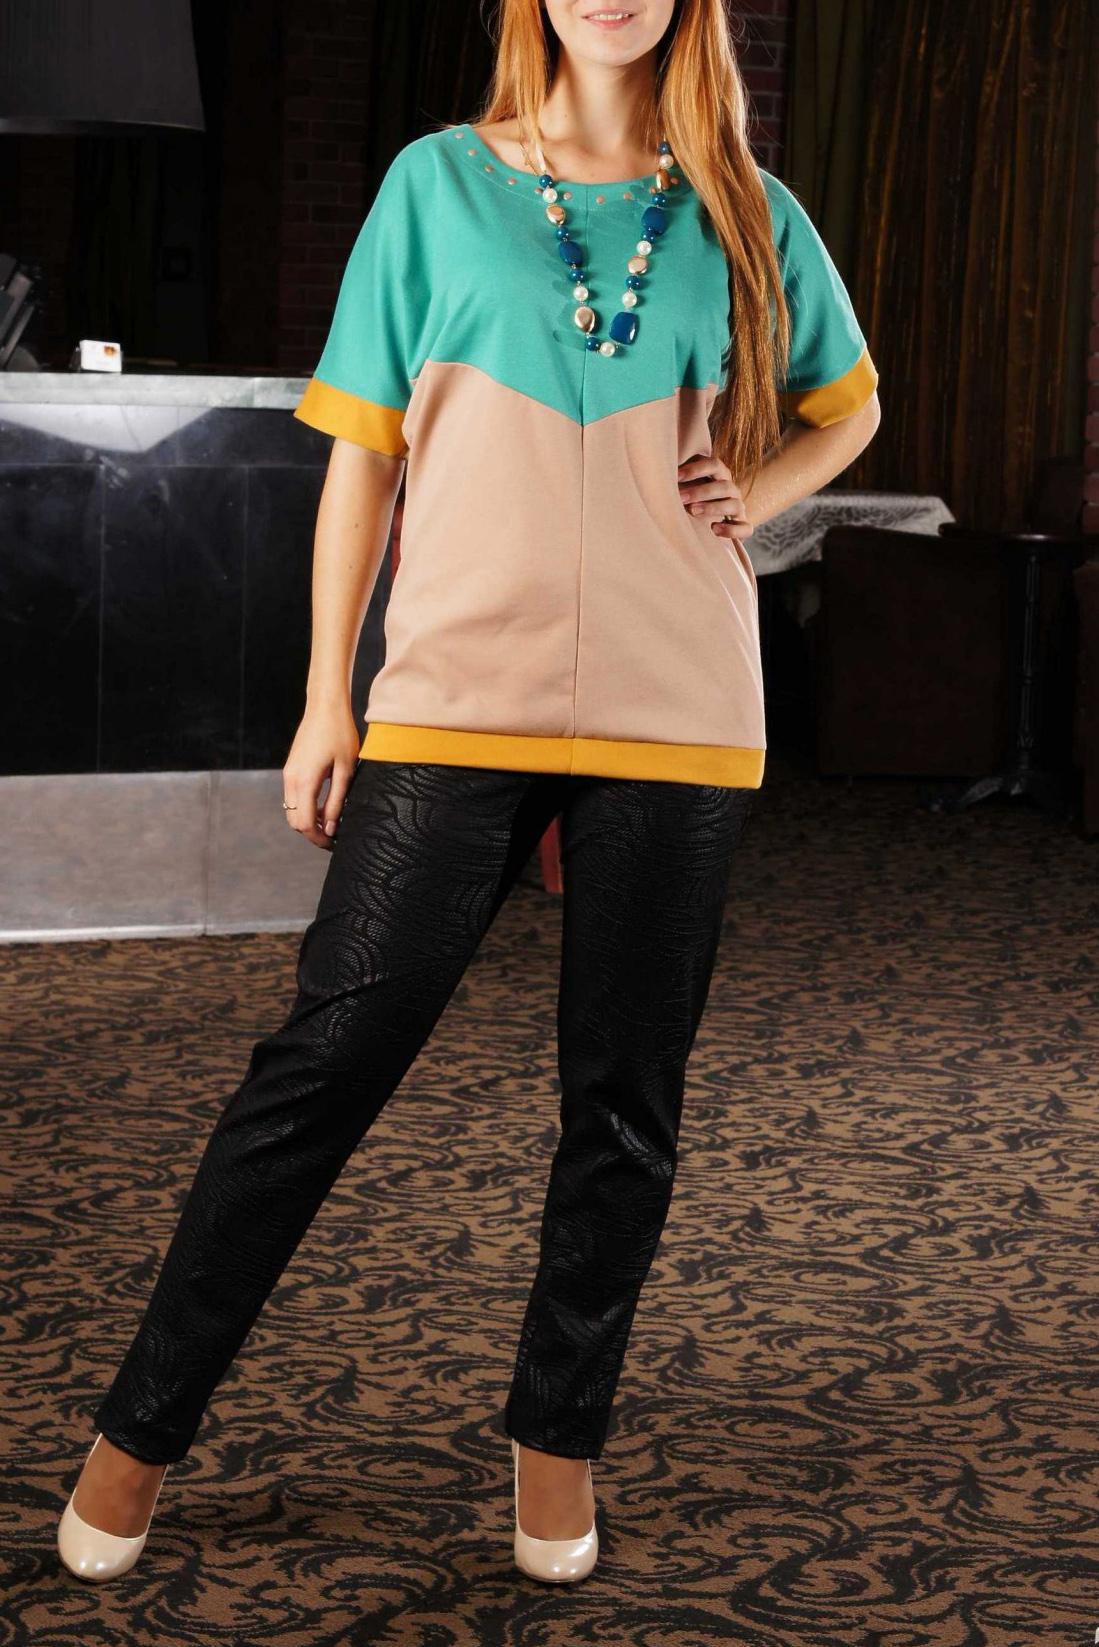 ТуникаТуники<br>Стильная женская блузка из плотного трикотажа с очень оригинальным сочетанием цветов. Такая блузка обязательно согреет своим ярким цветом в пасмурный осенний день и точно поднимет настроение.  Блуза свободного кроя из плотного трикотажа. Перед с центральным швом и двумя широкими вставками из контрастного материала, сходящимися углом по центру изделия. Спинка аналогична переду. Горловина округлая с широкой декоративной отстрочкой. Рукава цельнокроеные, широкие, длиной до локтя. Низ блузы и рукавов обработан узкой двойной манжетой.  Бусы в комплект не входят.  Цвет: бирюзовый, бежевый, оранжевый.  Длина изделия до 50 размера - 60 см<br><br>Горловина: С- горловина<br>По материалу: Трикотаж<br>По образу: Город,Свидание<br>По рисунку: Цветные<br>По сезону: Весна,Осень<br>По силуэту: Прямые,Свободные<br>По стилю: Кэжуал,Повседневный стиль<br>По элементам: С манжетами<br>Рукав: До локтя<br>Размер : 48,50,56<br>Материал: Джерси<br>Количество в наличии: 3